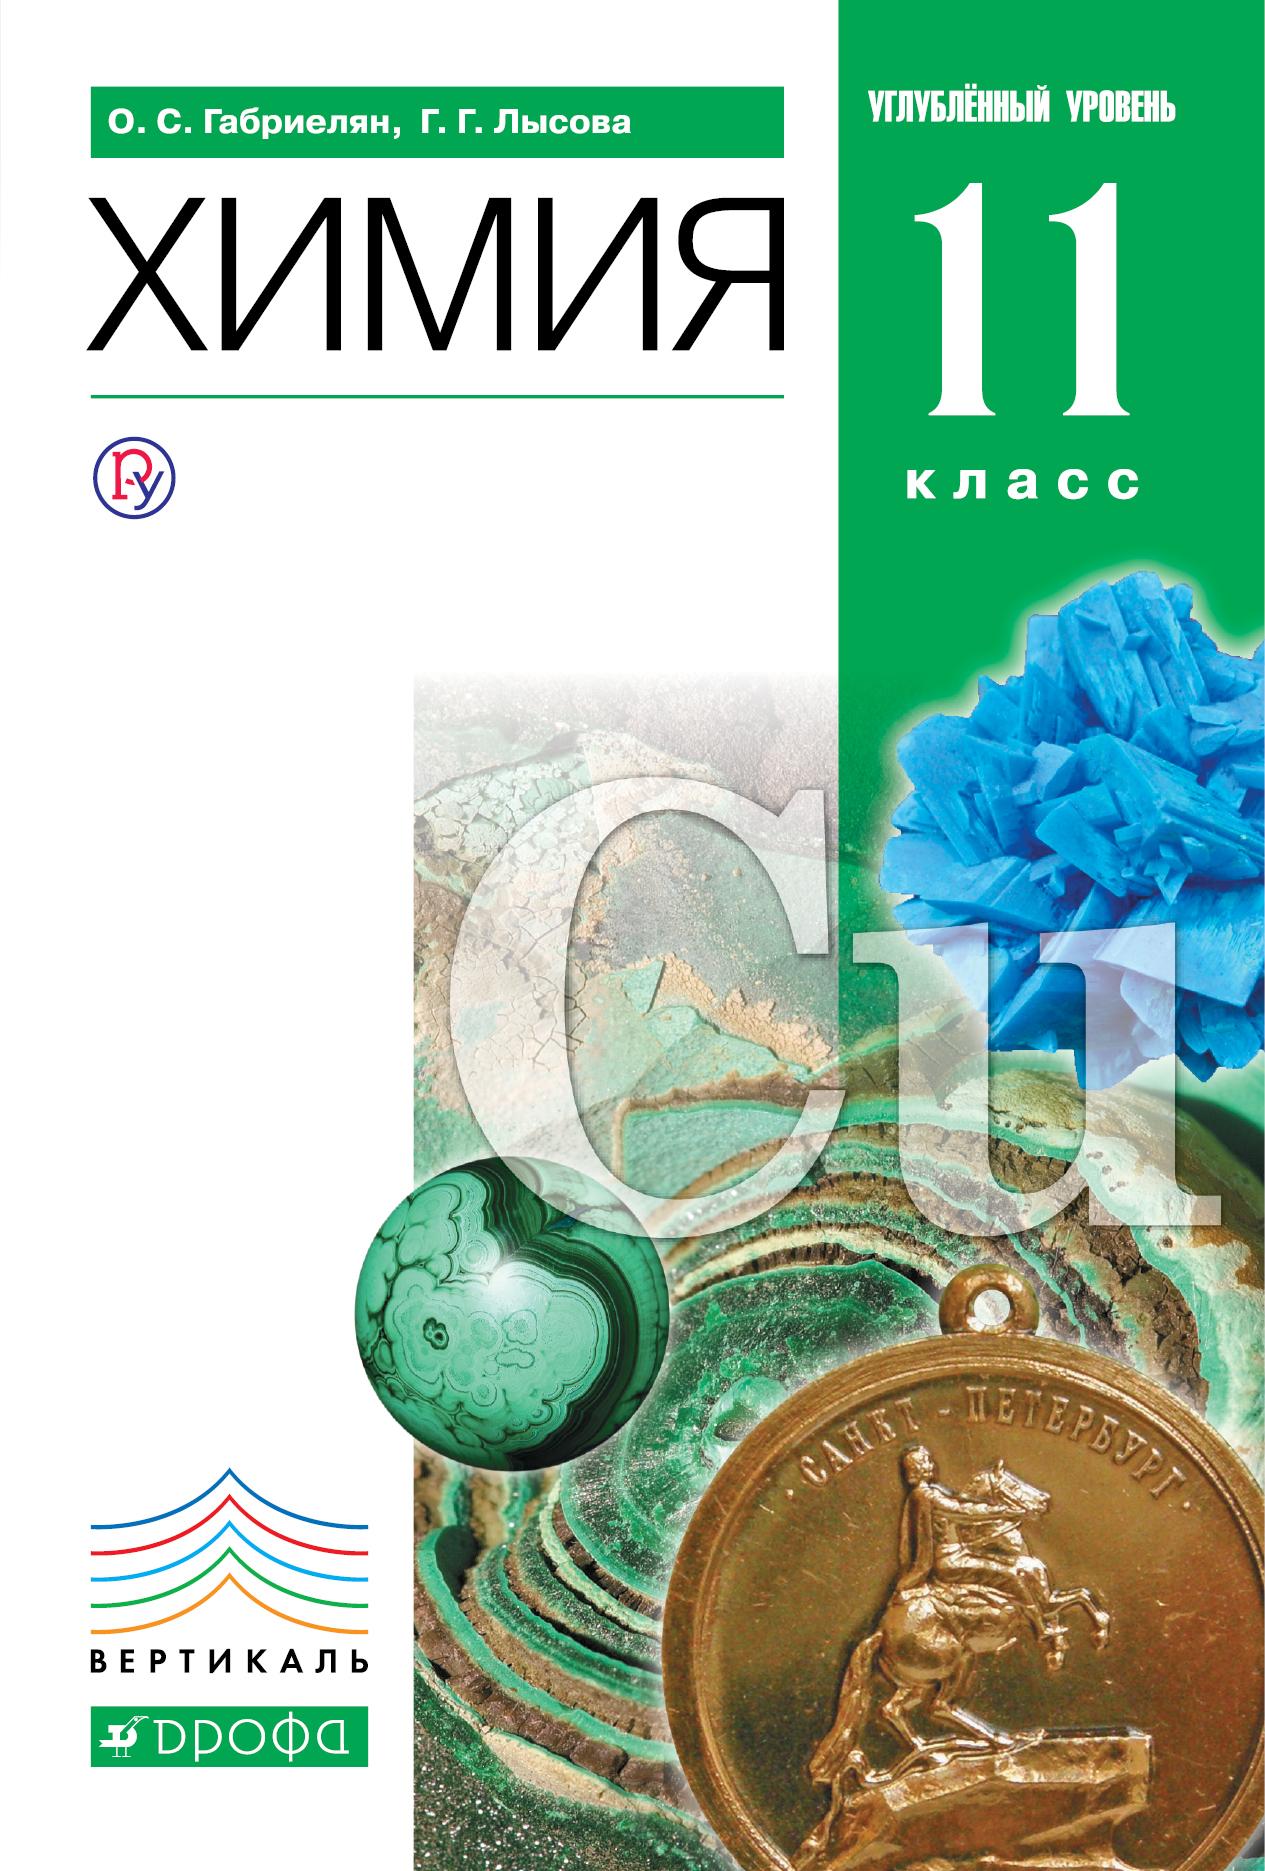 Габриелян О.С. Химия. 11 класс. Учебник. Углубленный уровень о с габриелян химия 8 класс